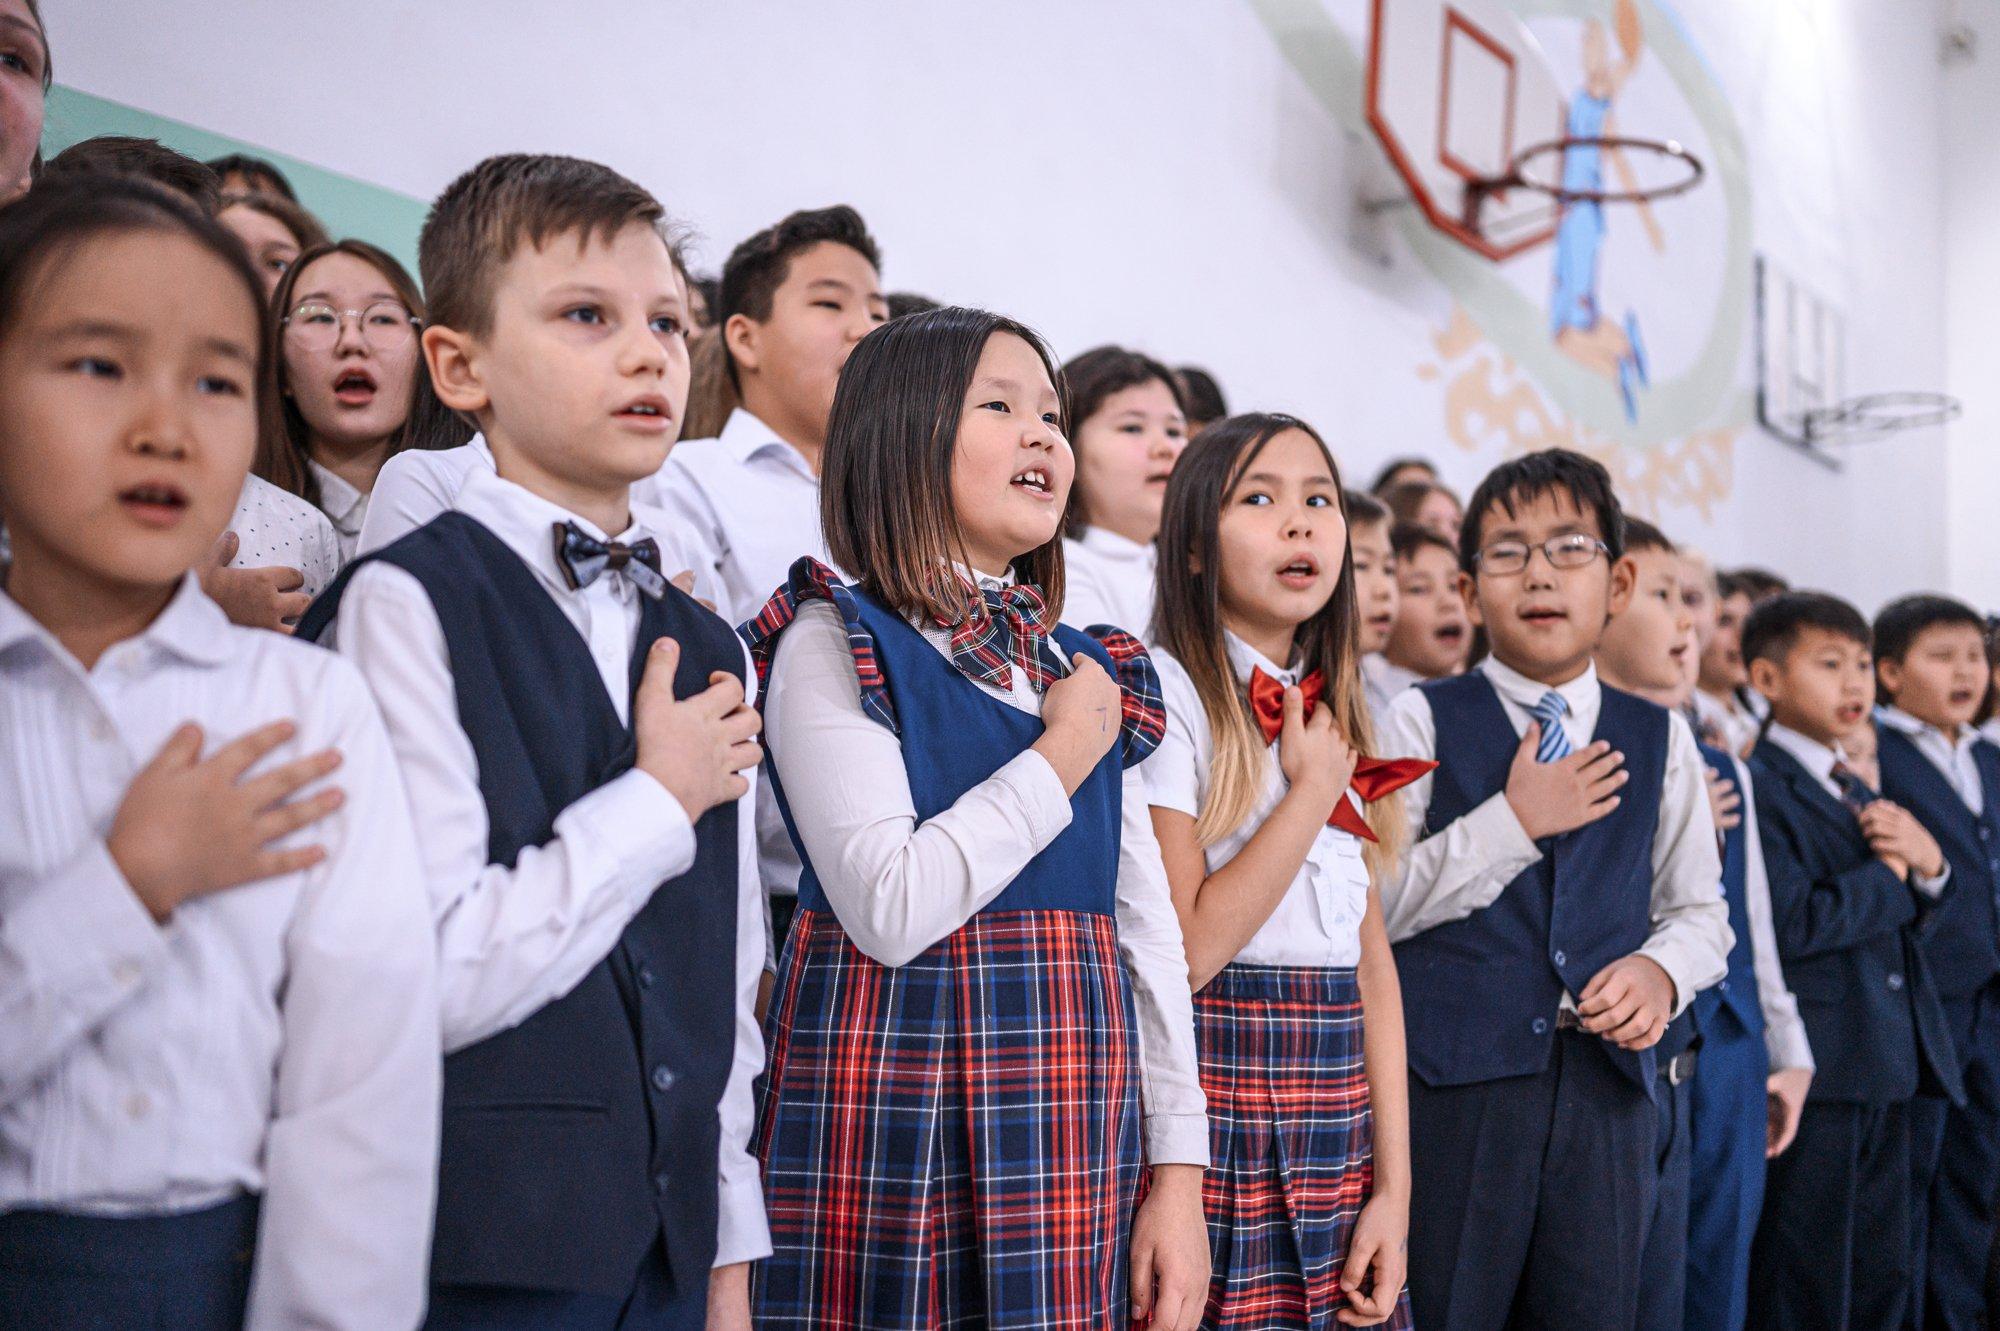 Айсен Николаев: Мы должны приложить все усилия для воспитания истинных патриотов своей Родины